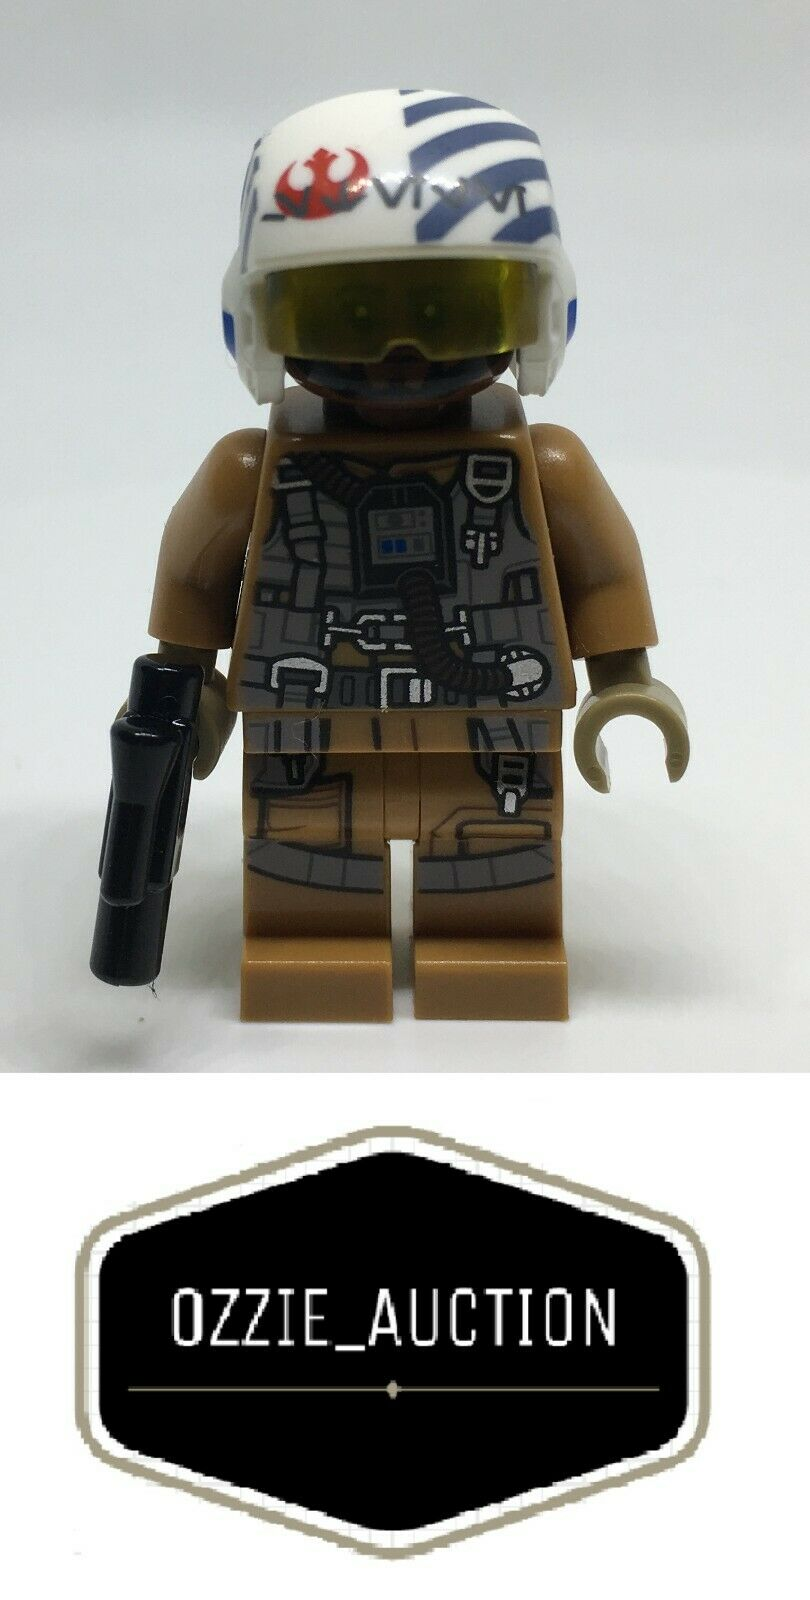 Raro Lego Star Wars Finch Dallow-Bombardero Piloto Minifigura [75188]